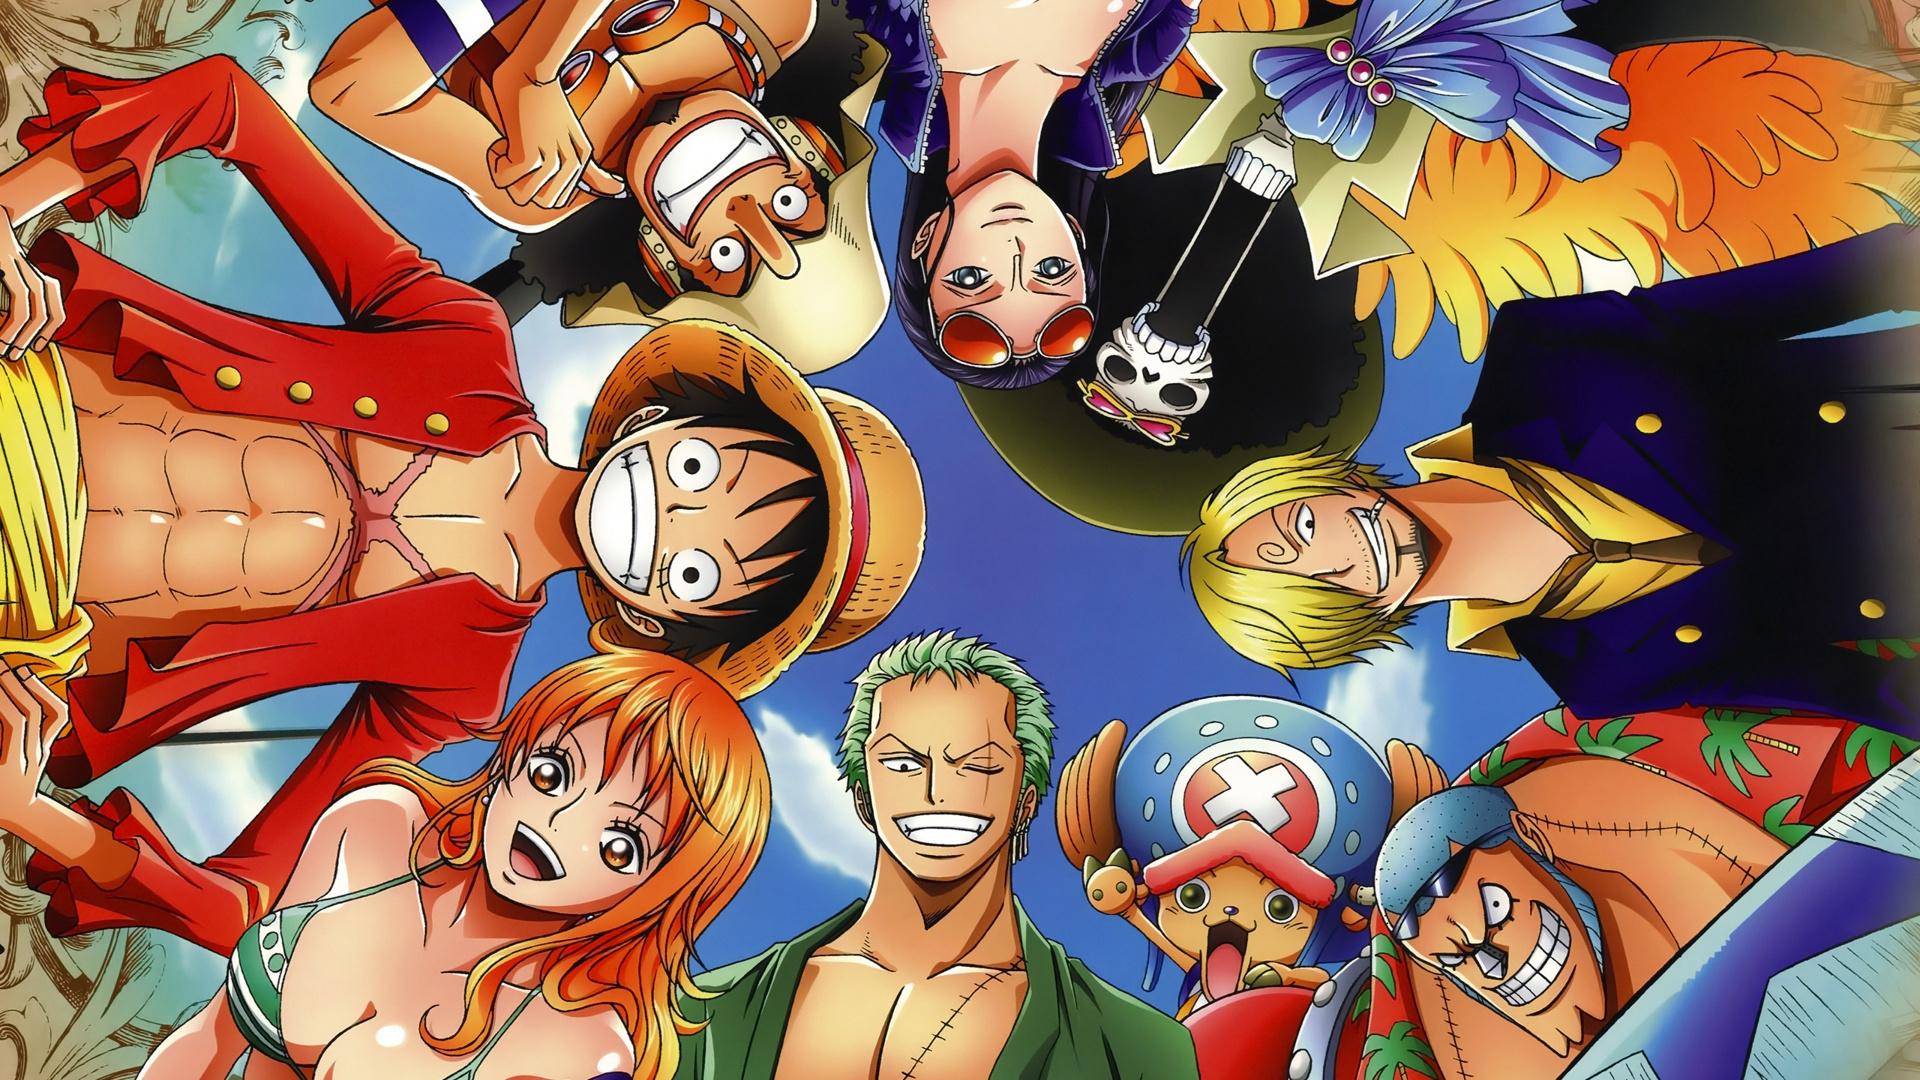 Nếu đã từng đọc qua bộ truyện tranh nổi tiếng thế giới One Piece \u2013 Vua Hải Tặc hay Đảo Hải Tặc và trót đem lòng yêu mến bộ truyện tranh này ...